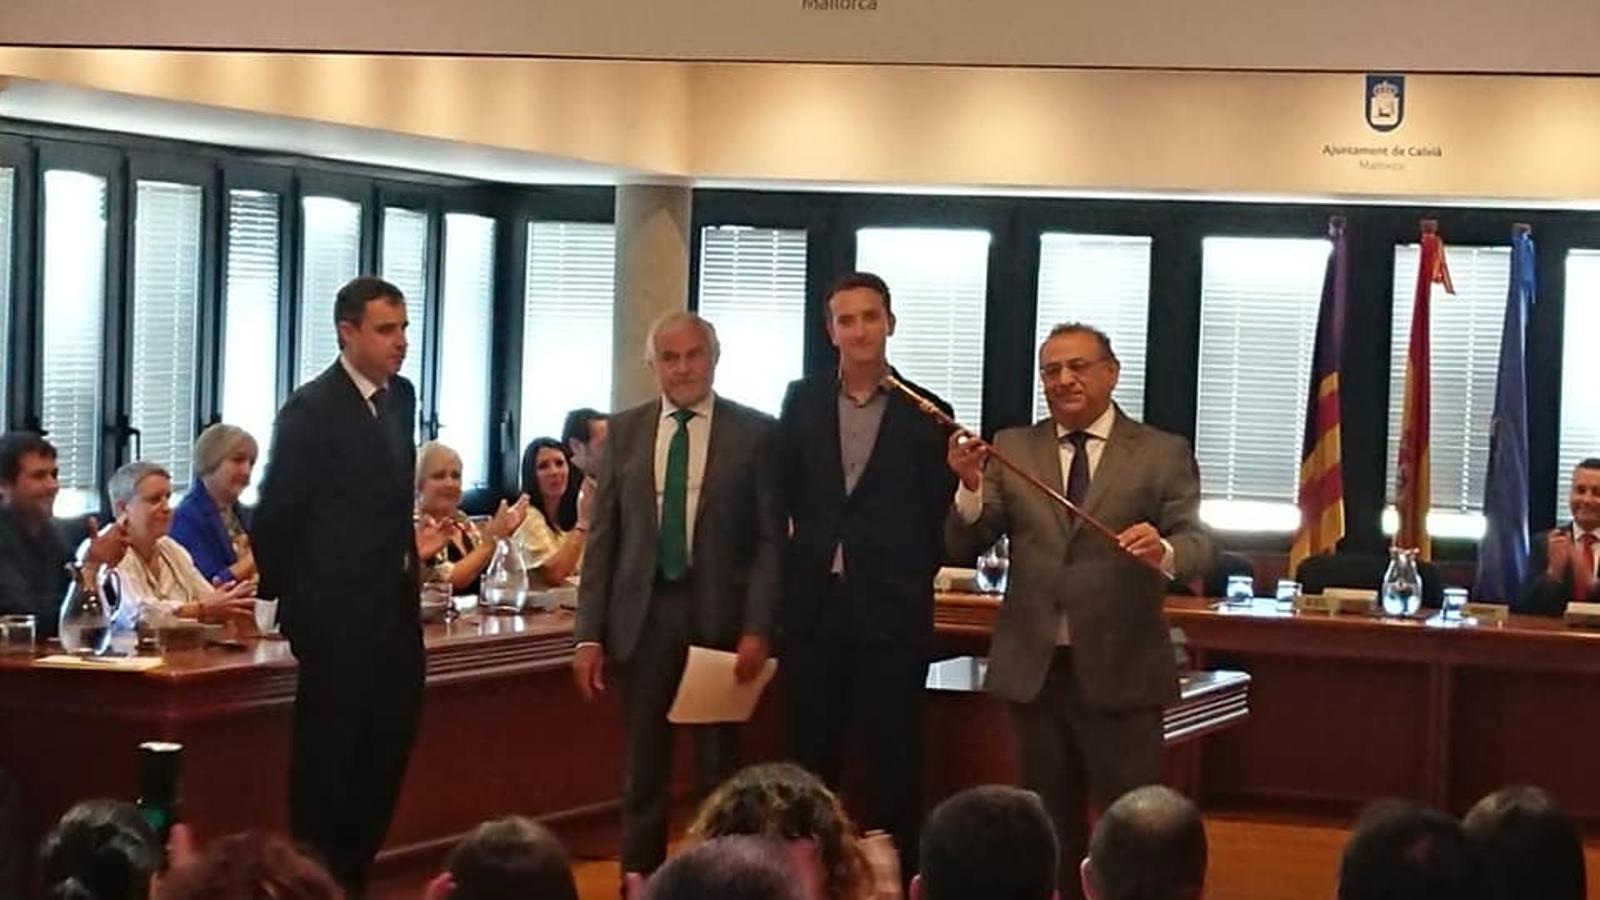 Alfonso Rodríguez tornarà a ser batle de Calvià amb el suport de Podem-MÉS.